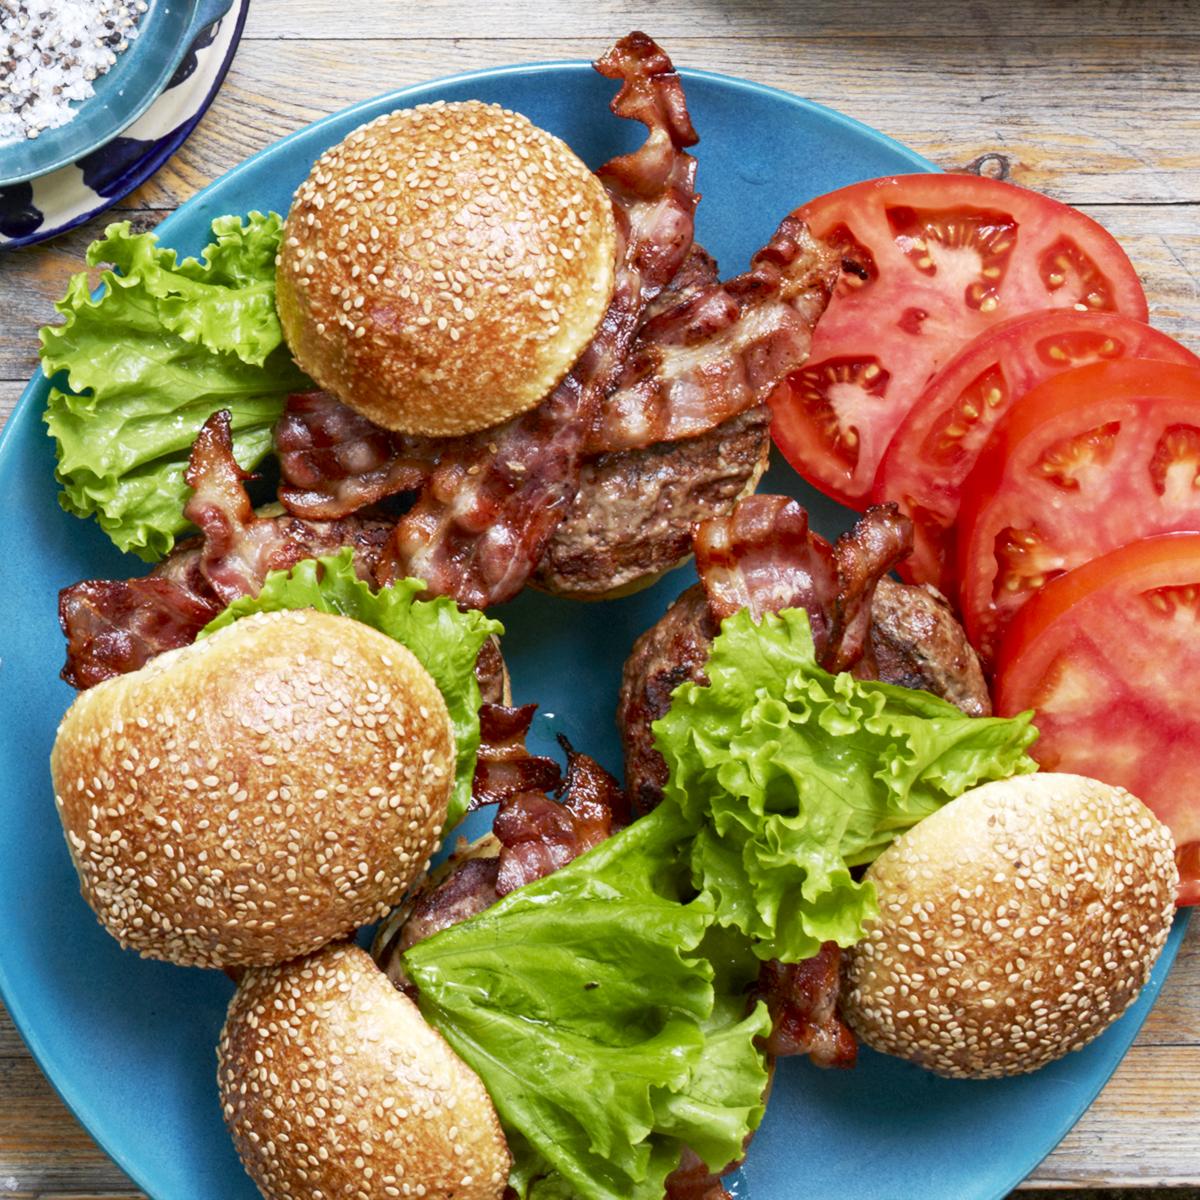 grilledd-brie-stuffed-burgers-bacon-70e99e01